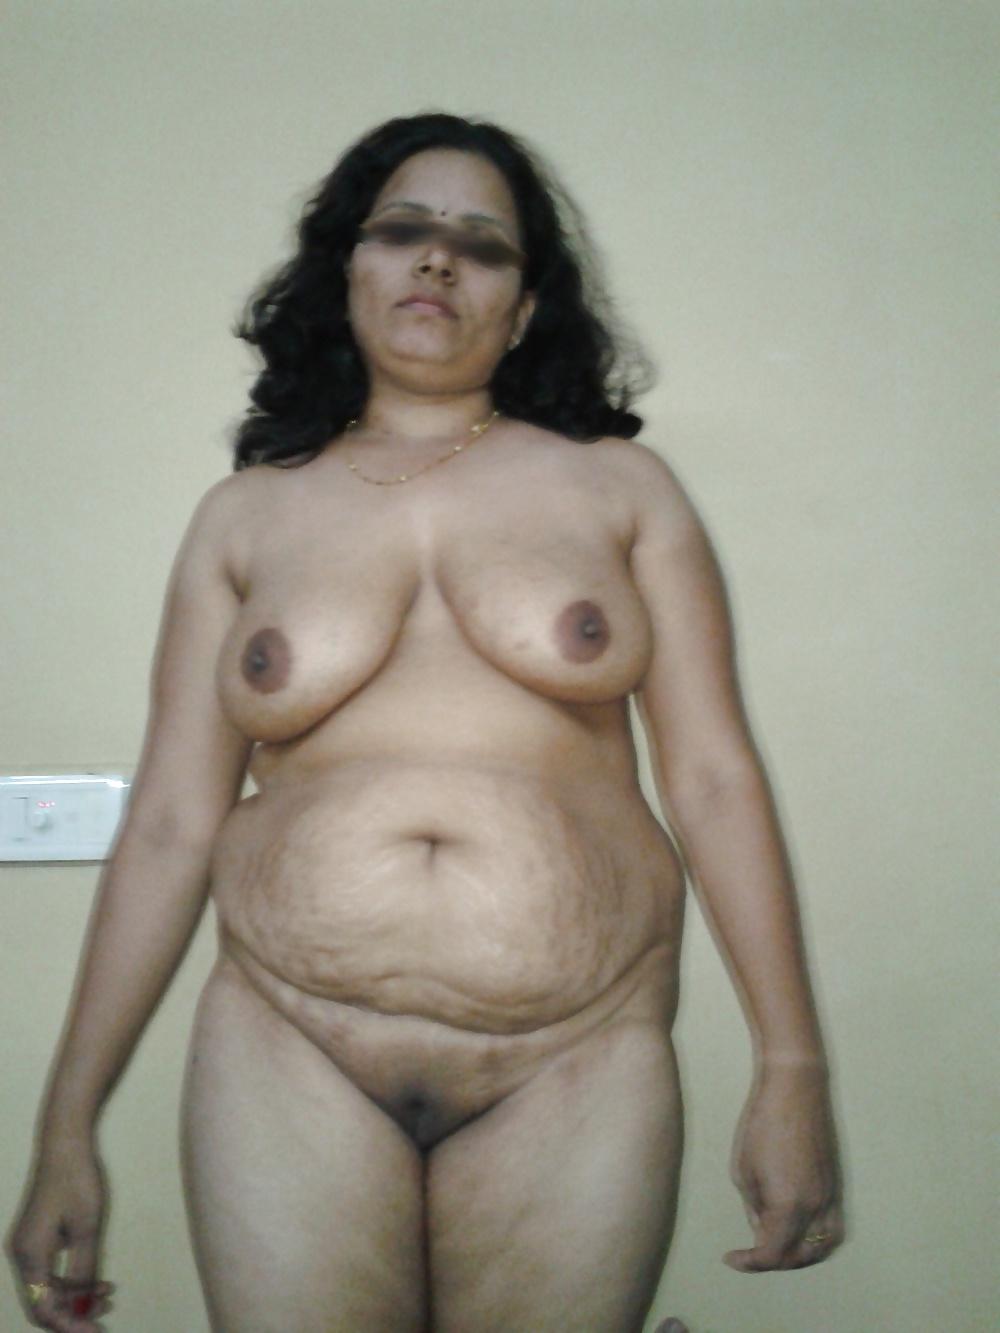 big-fat-naked-woman-india